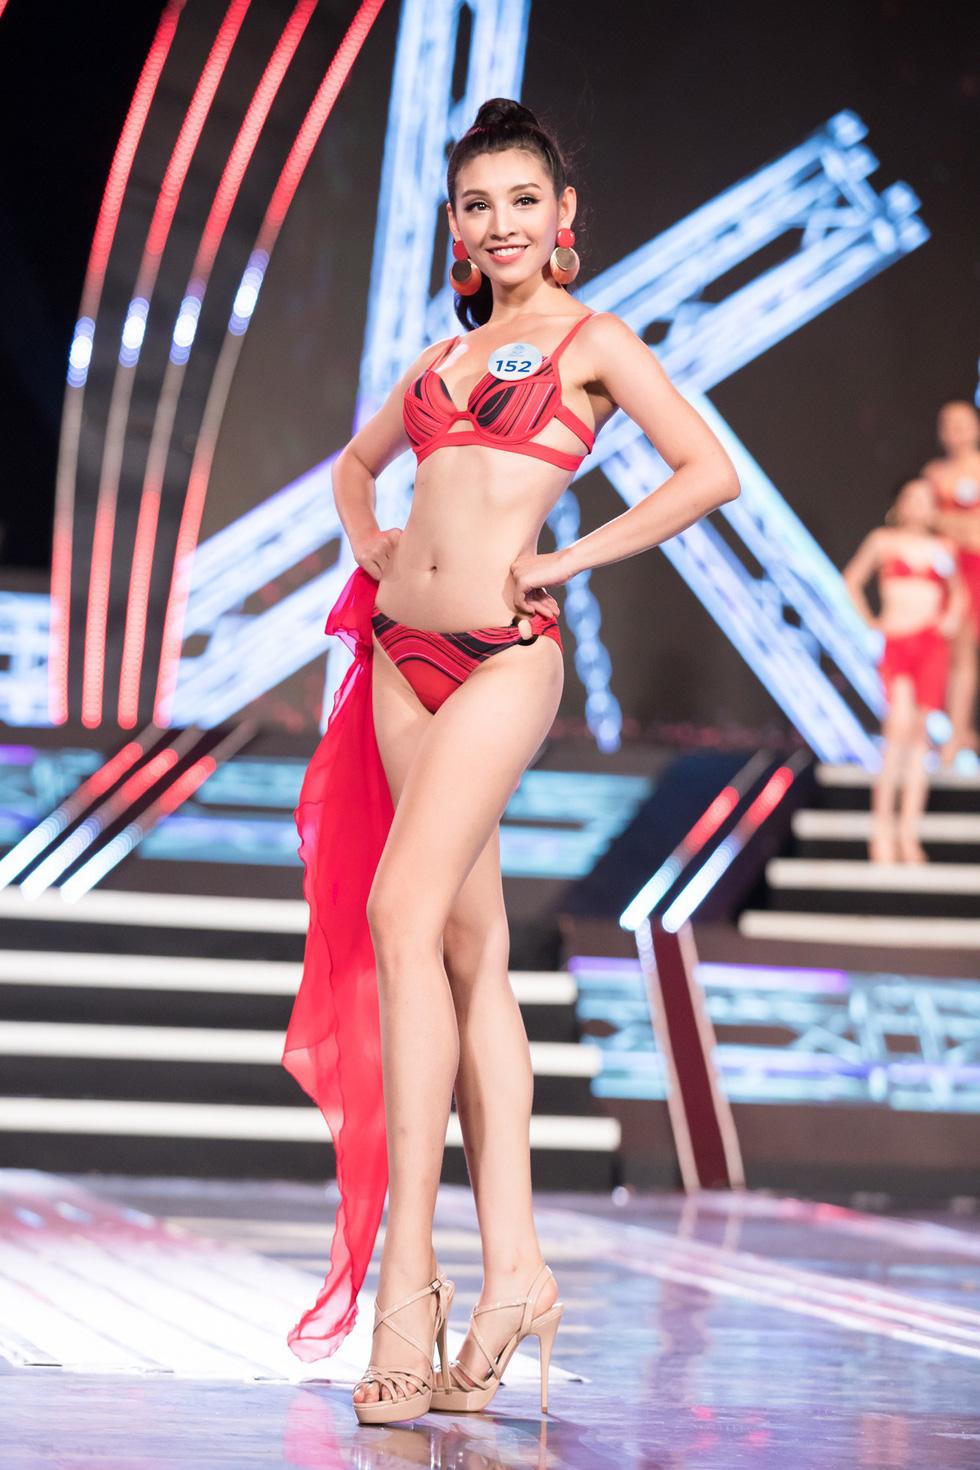 25 thí sinh Miss World Việt Nam 2019 đẹp nhất phía Bắc nóng bỏng thi bikini - Ảnh 10.